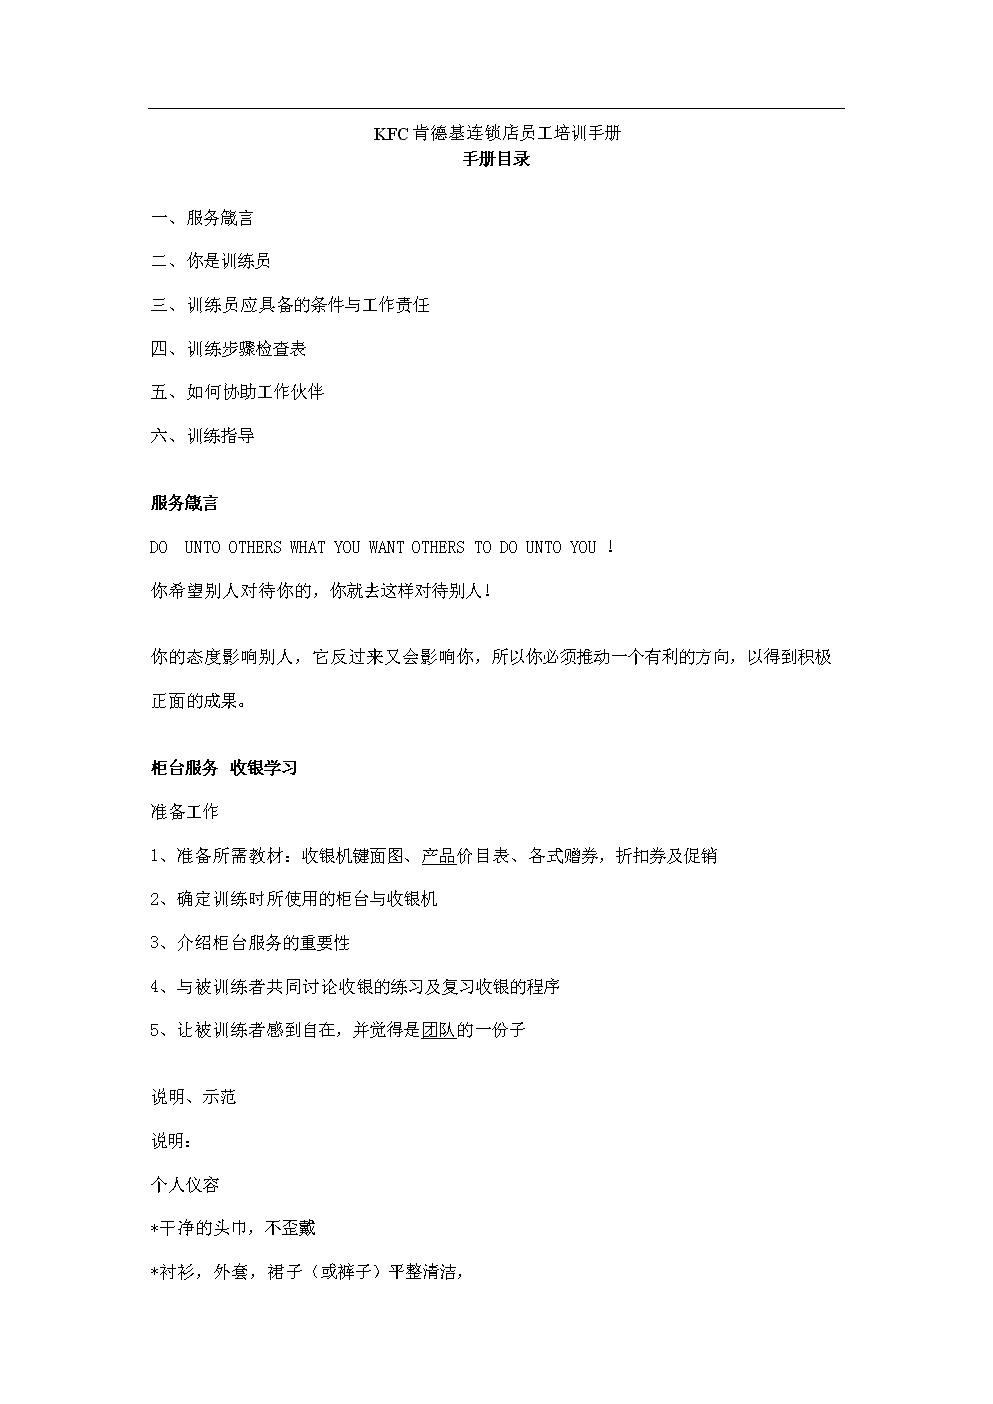 肯德基KFC肯德基连锁店员工培训手册.doc